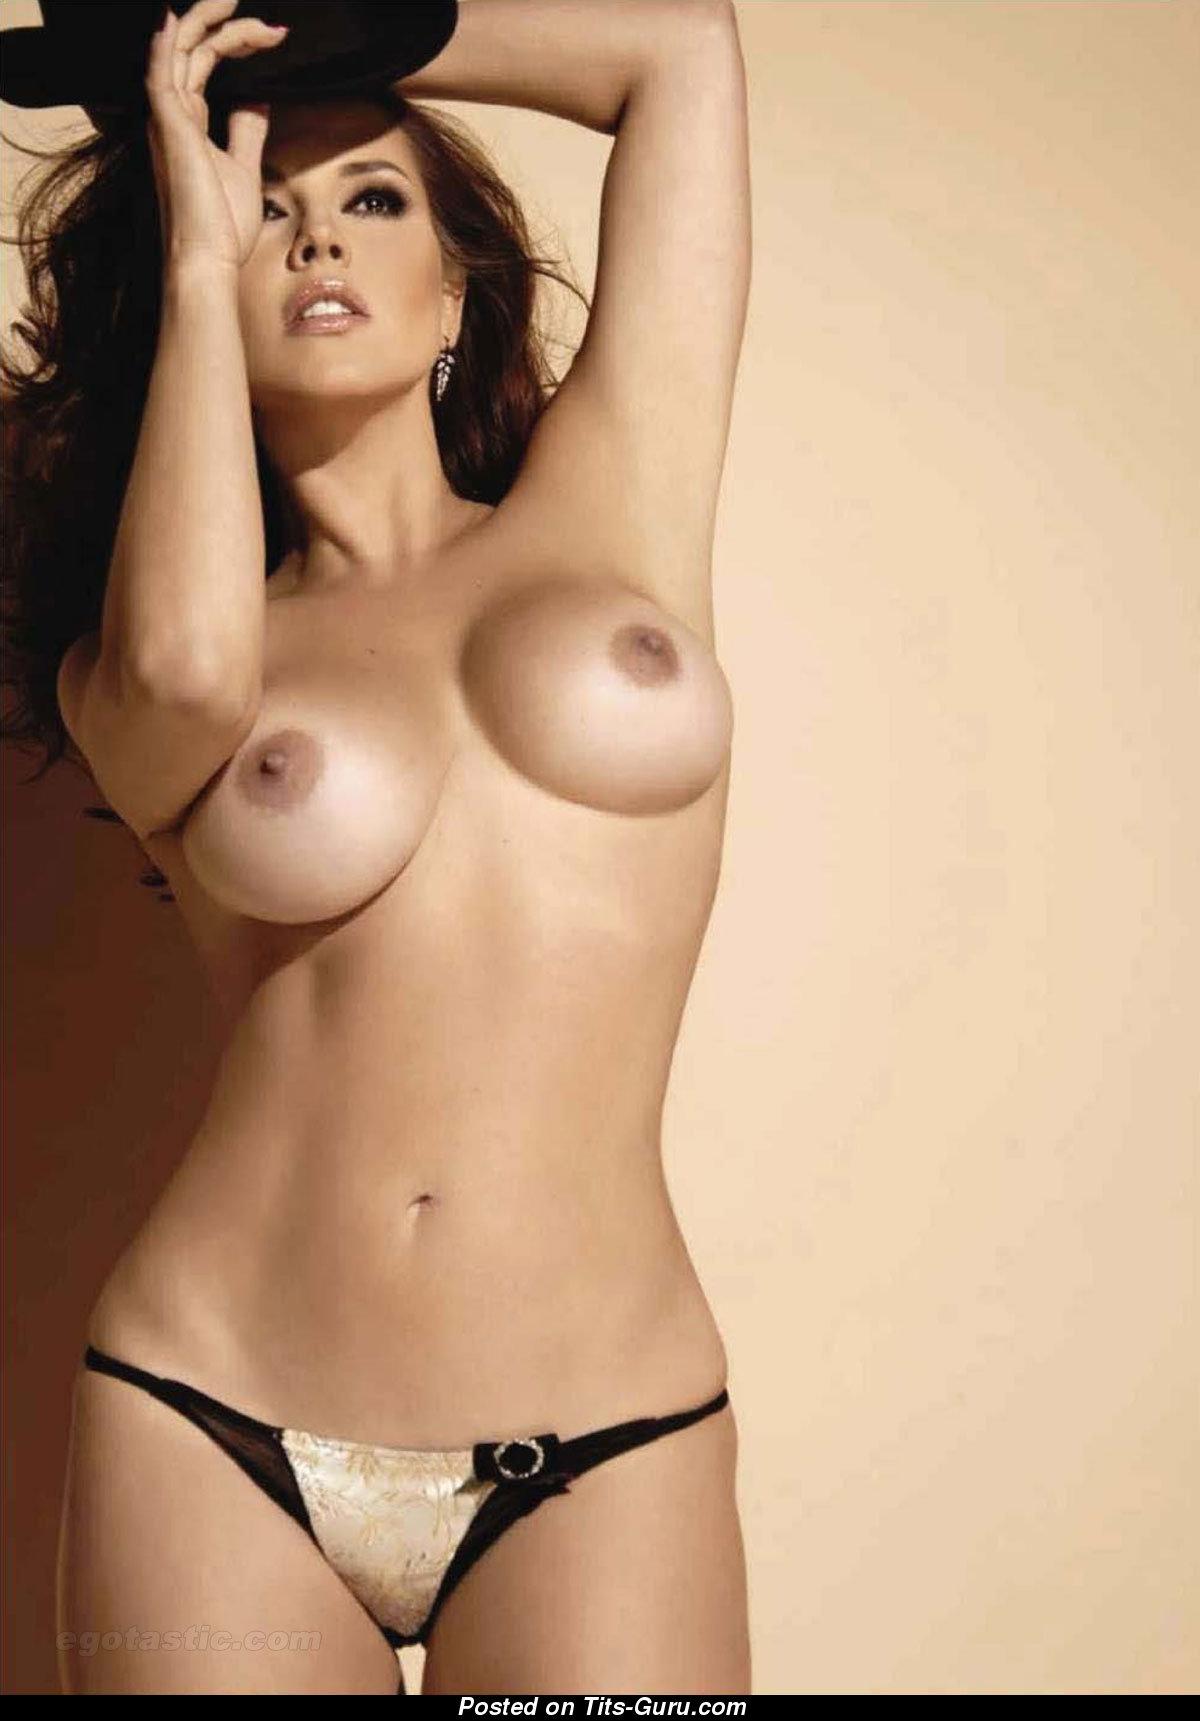 Images of nicki minaj naked